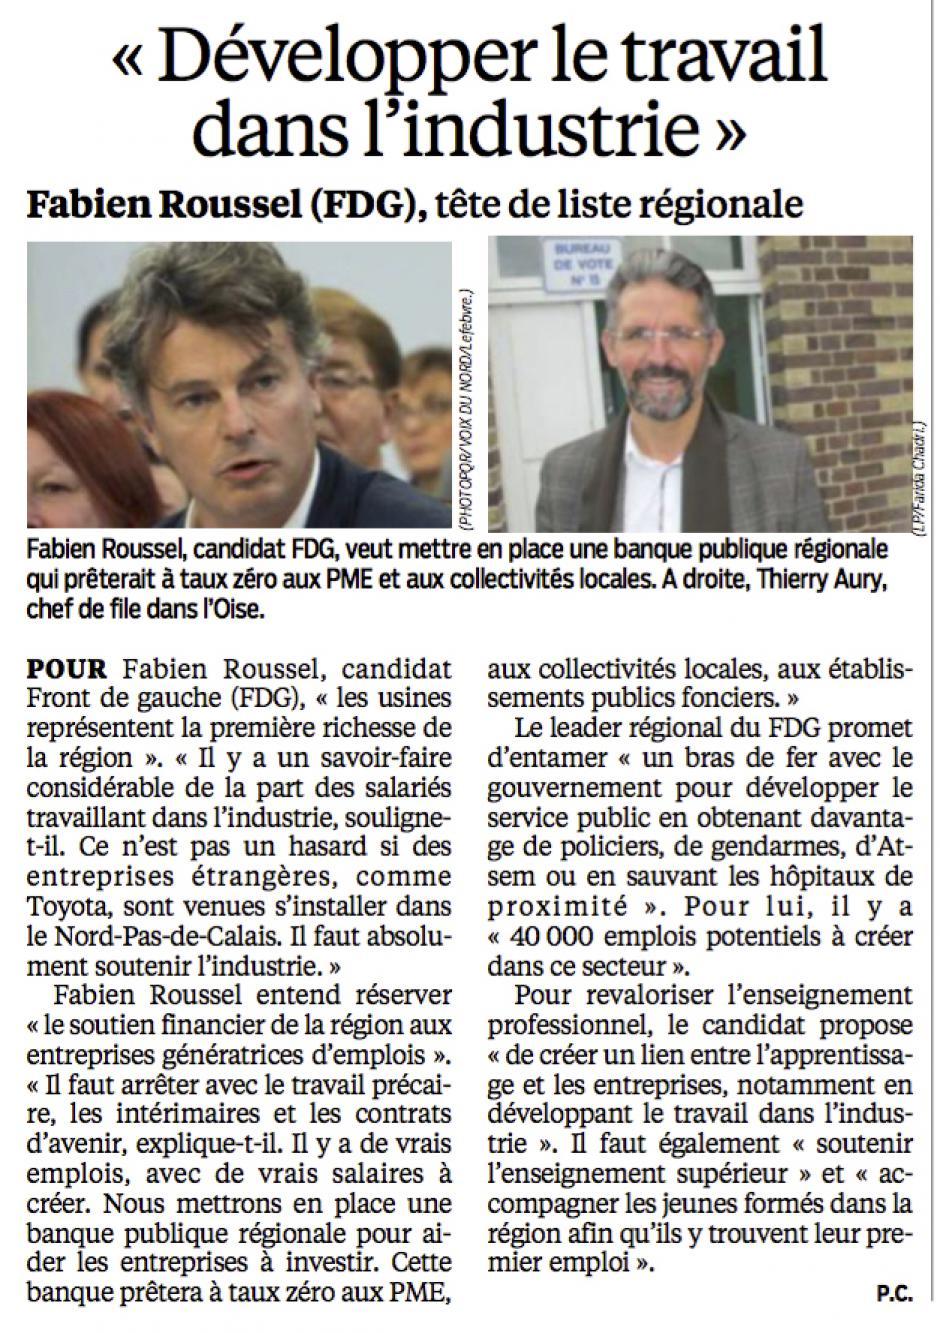 20151128-LeP-NPdCP-R2015-Fabien Roussel : « Développer le travail dans l'industrie »